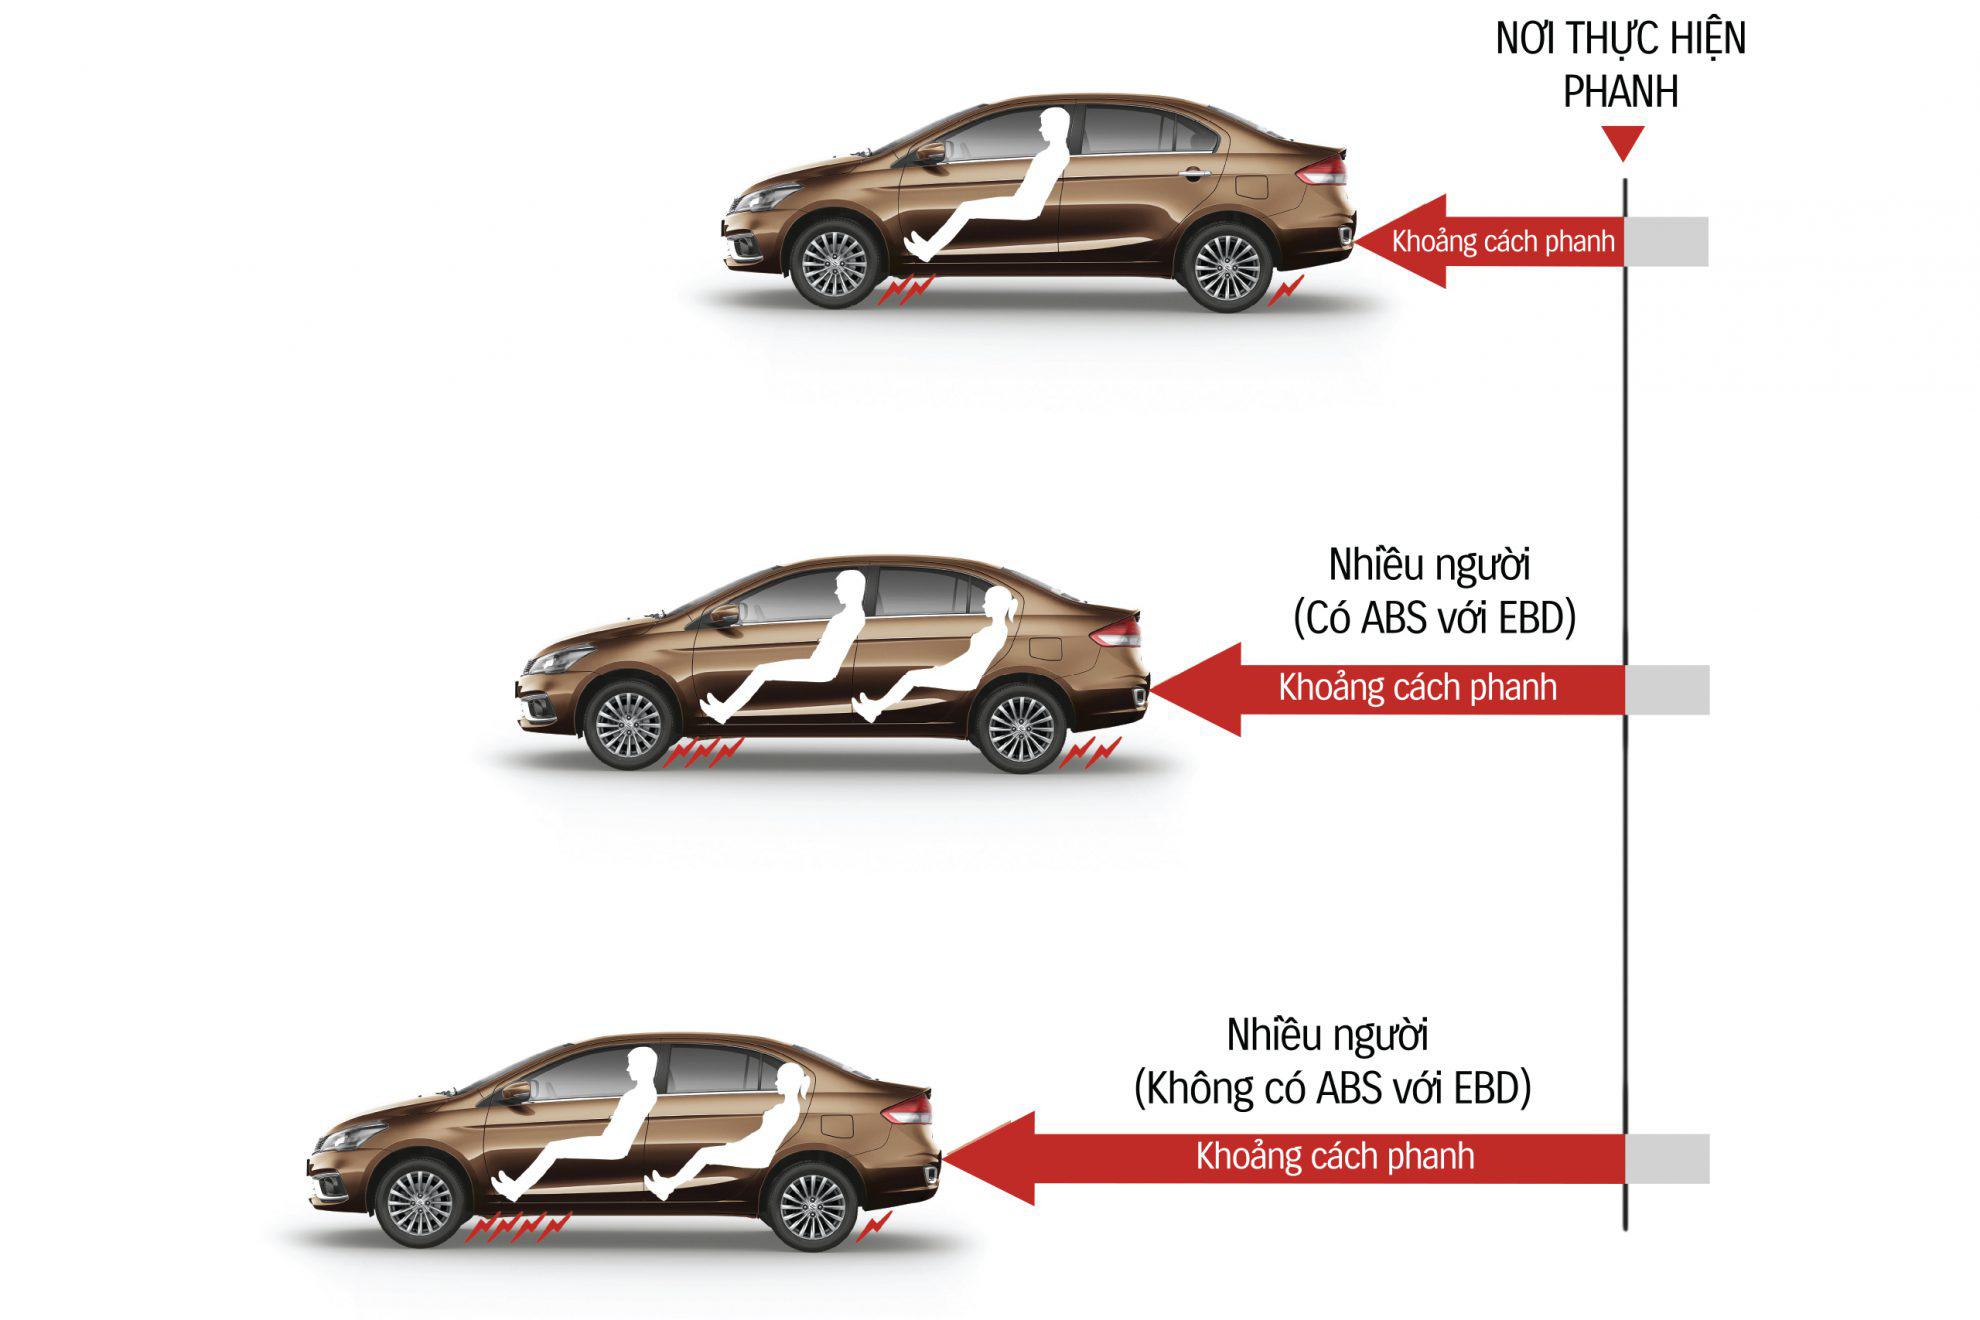 ABS & EBD: Hệ thống chống bó cứng phanh và hệ thống phân phối lực phanh điện tử